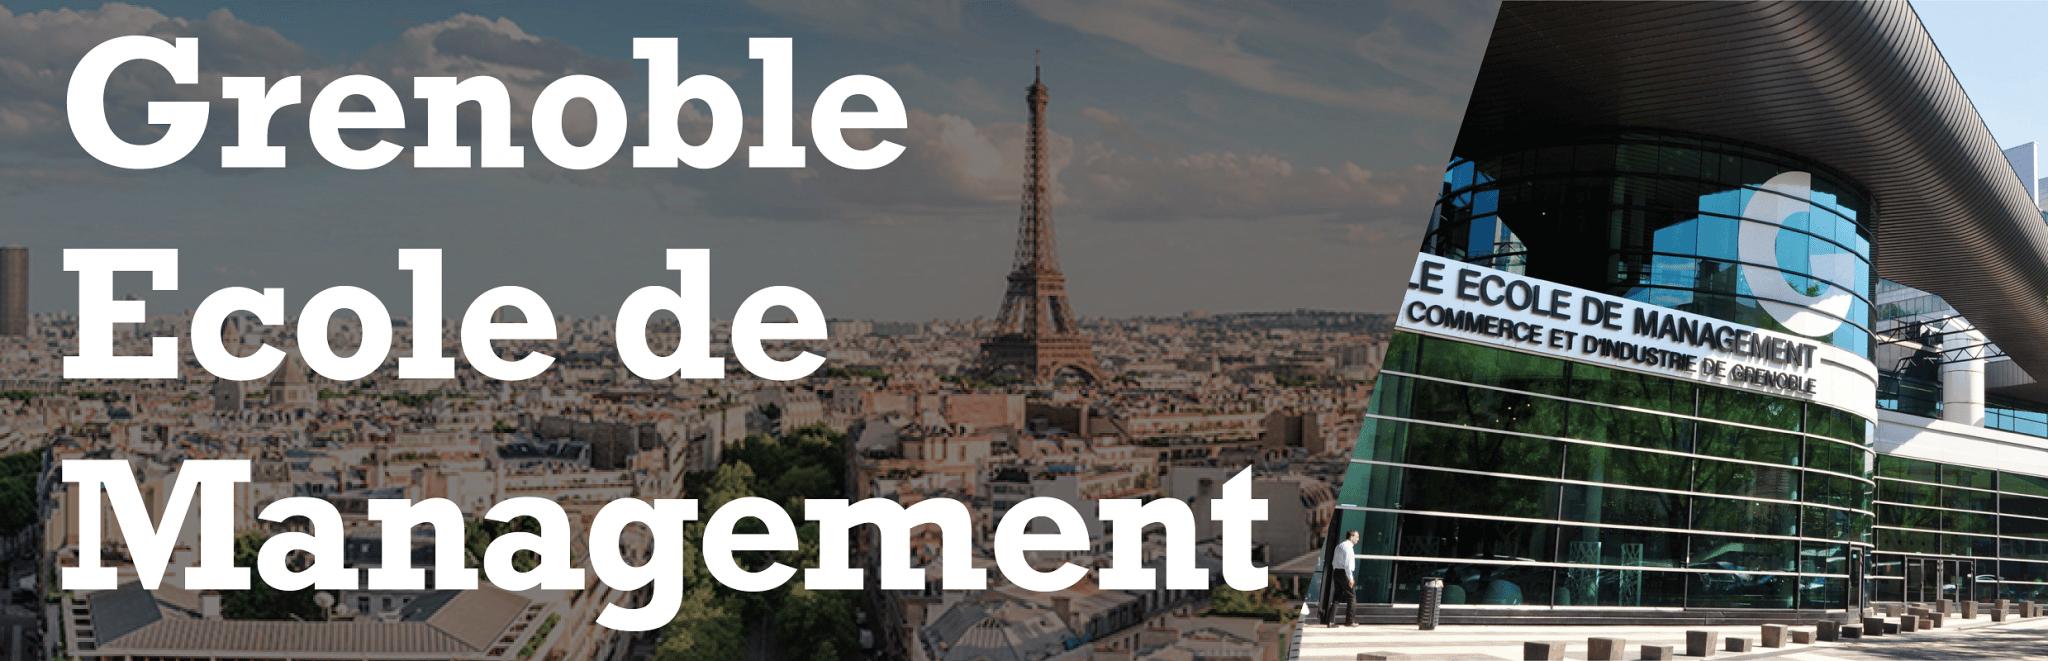 Grenoble Ecole de Management - Banner